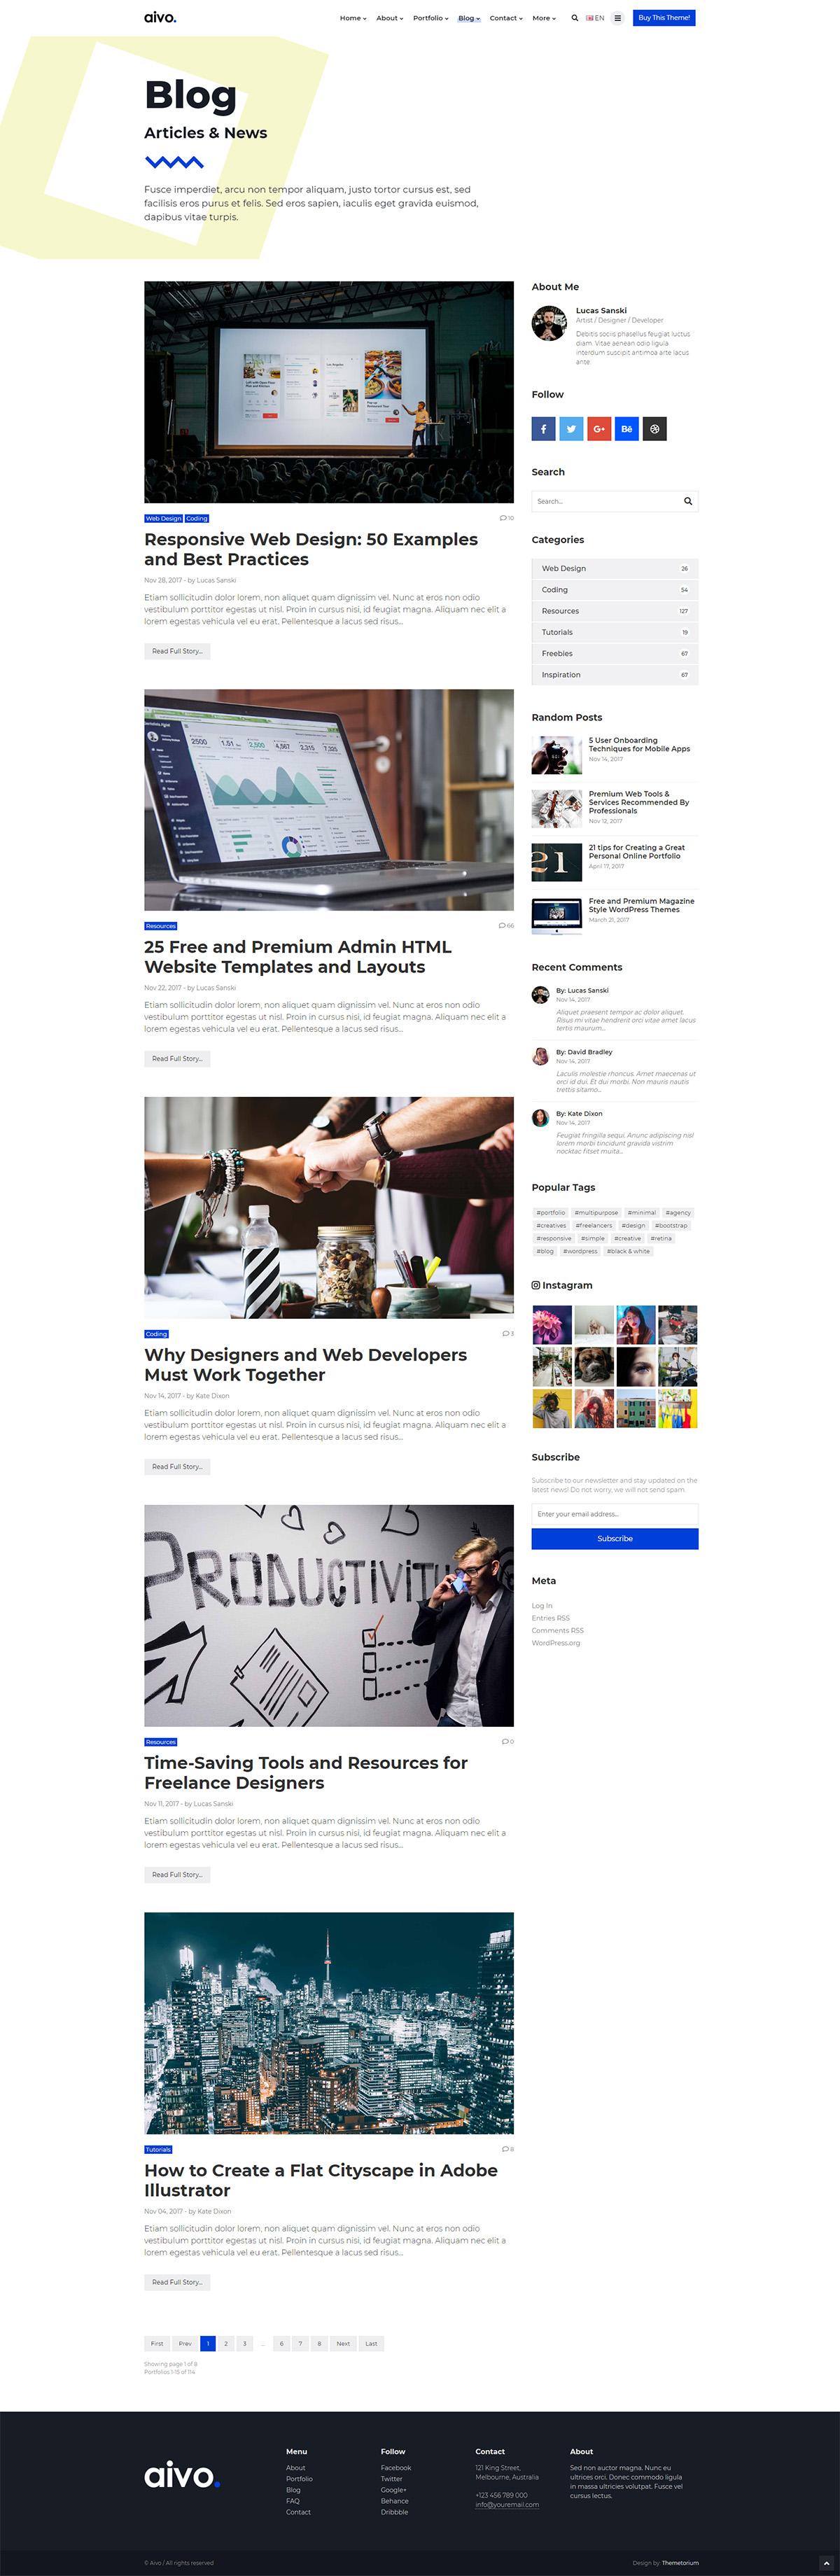 Aivo Multipurpose Portfolio Html Website Template By Themetorium